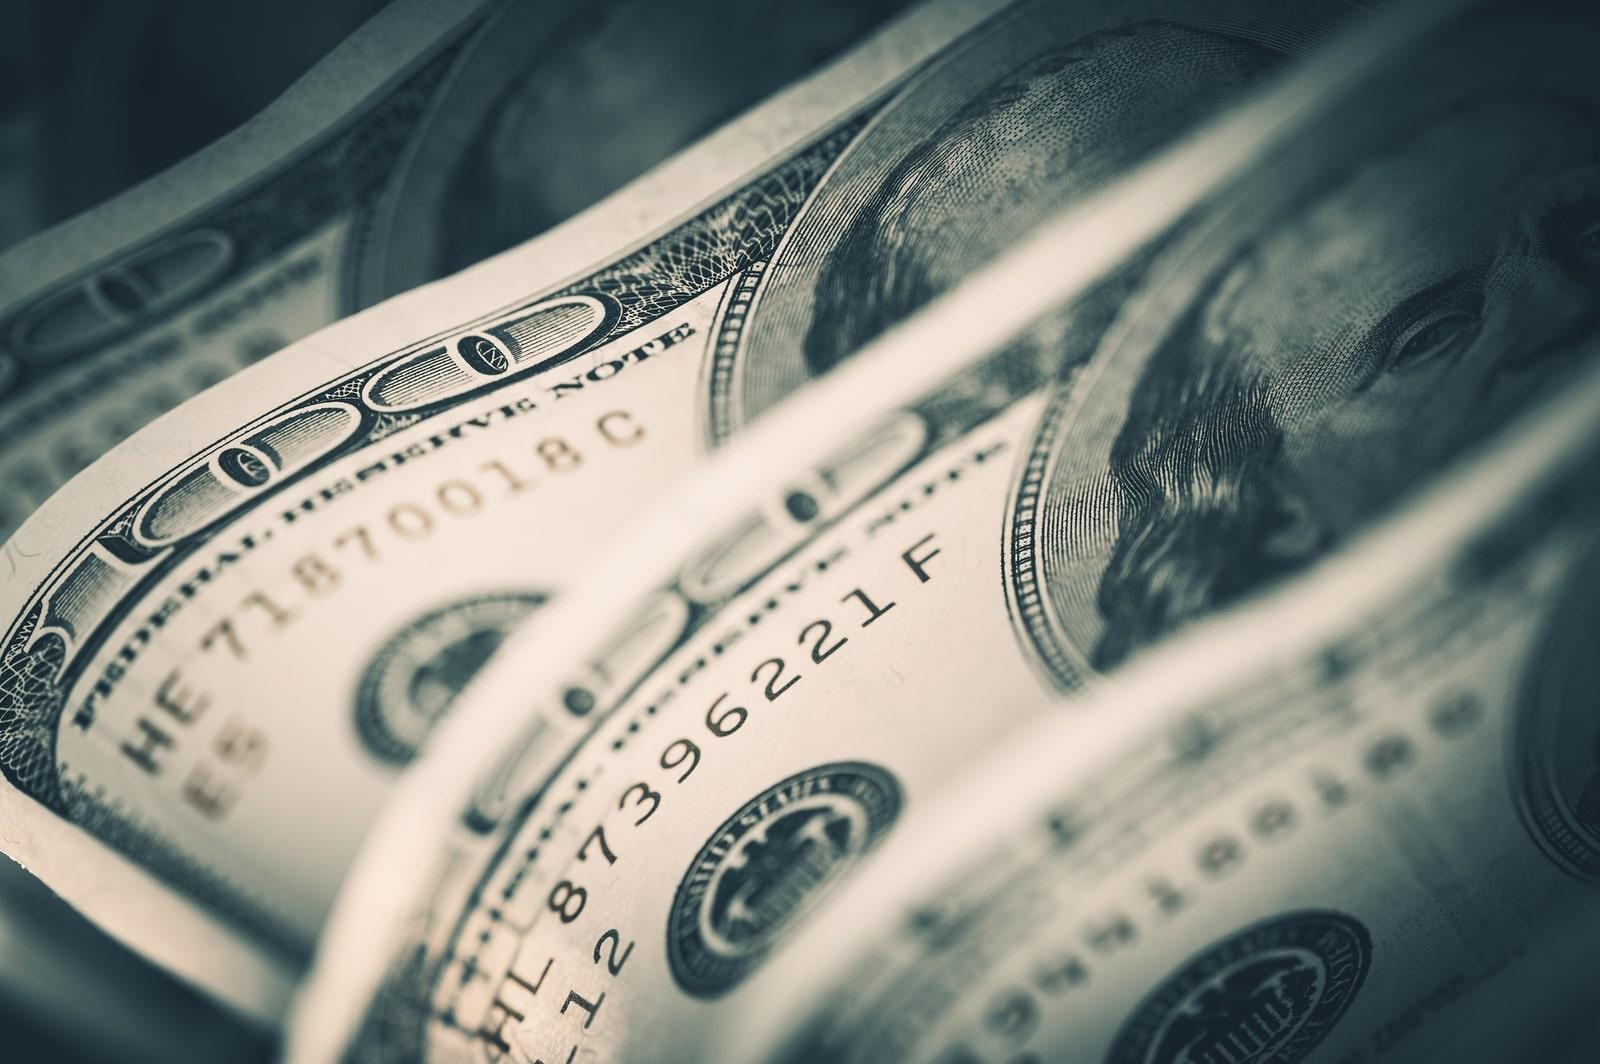 """כיצד ישפיע החוק לצמצום השימוש במזומן, על עסקאות נדל""""ן?"""